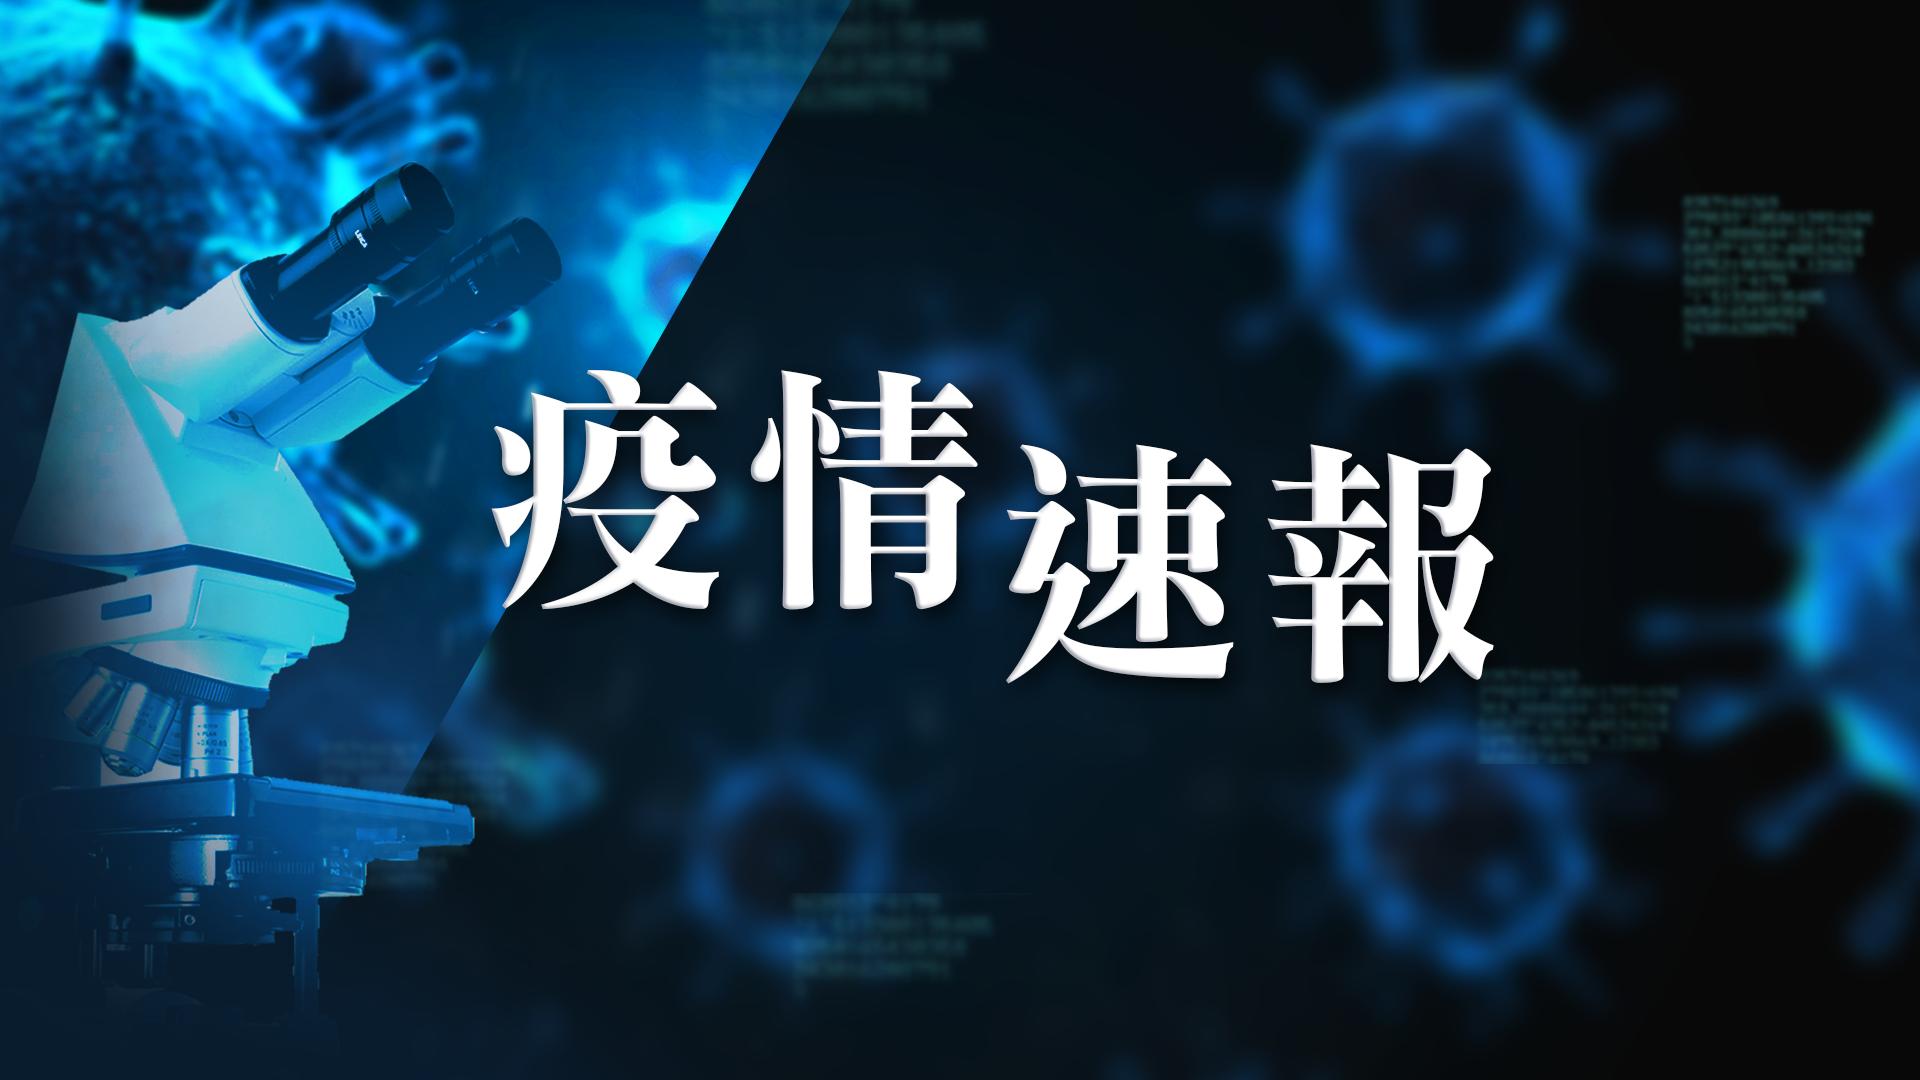 【8月8日疫情速報】(23:25)